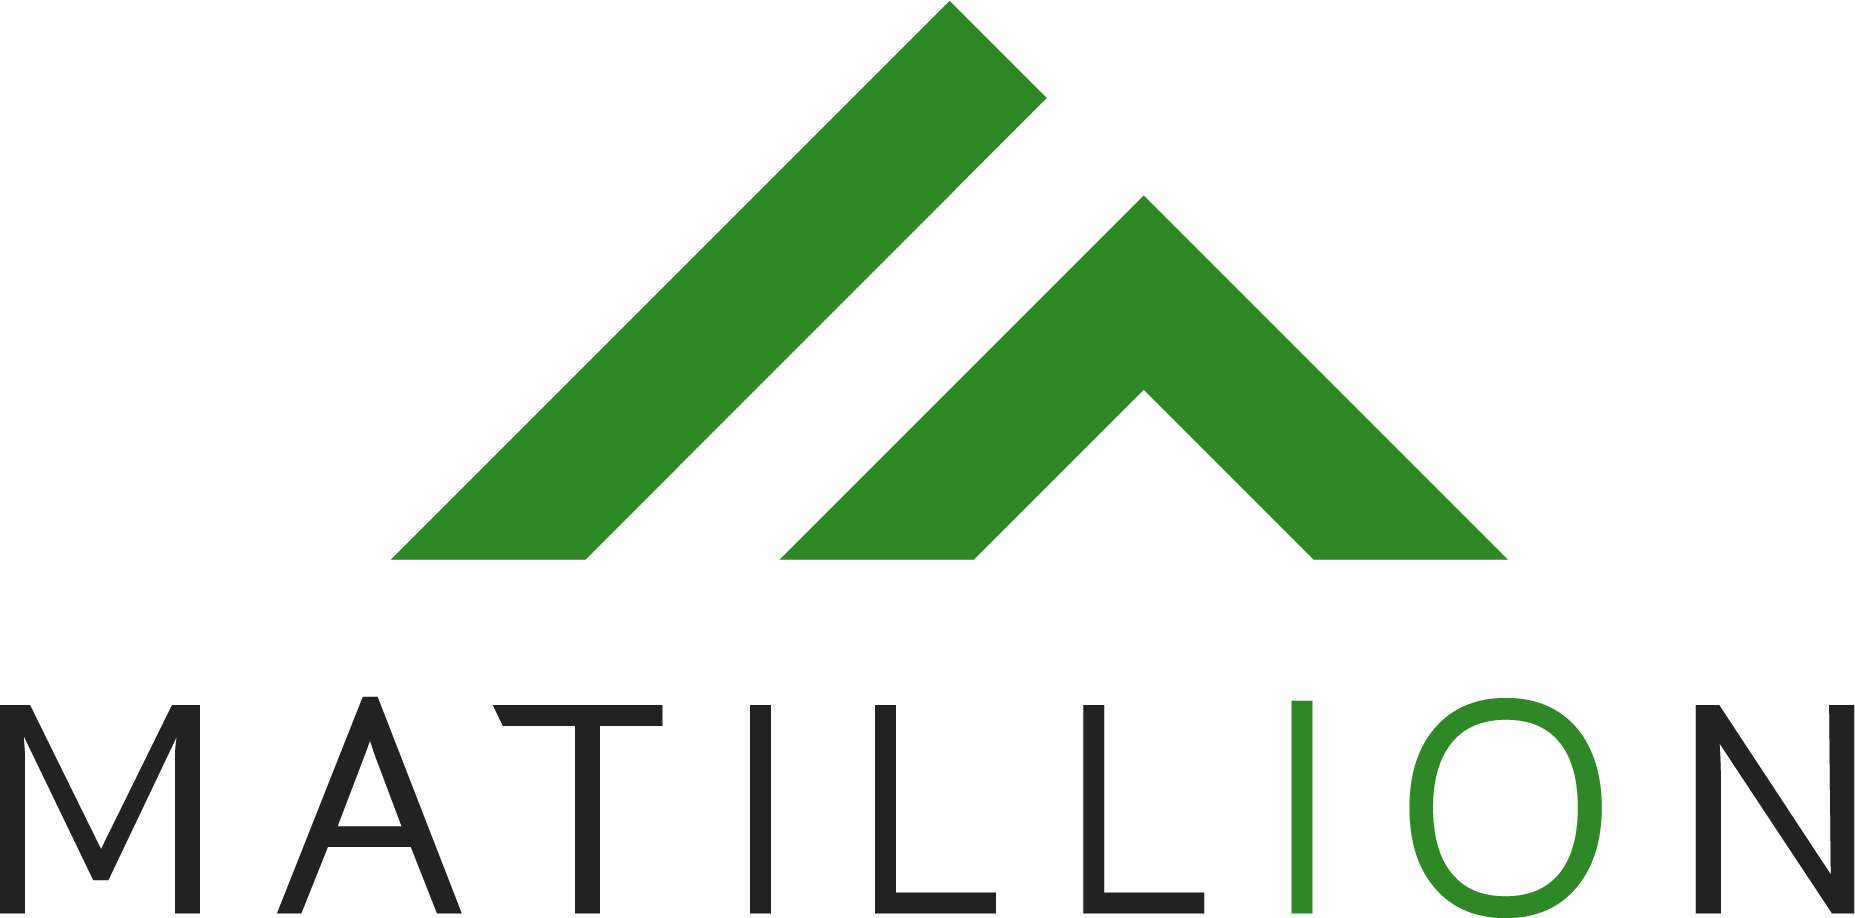 2021 Matillion Logo Vertical